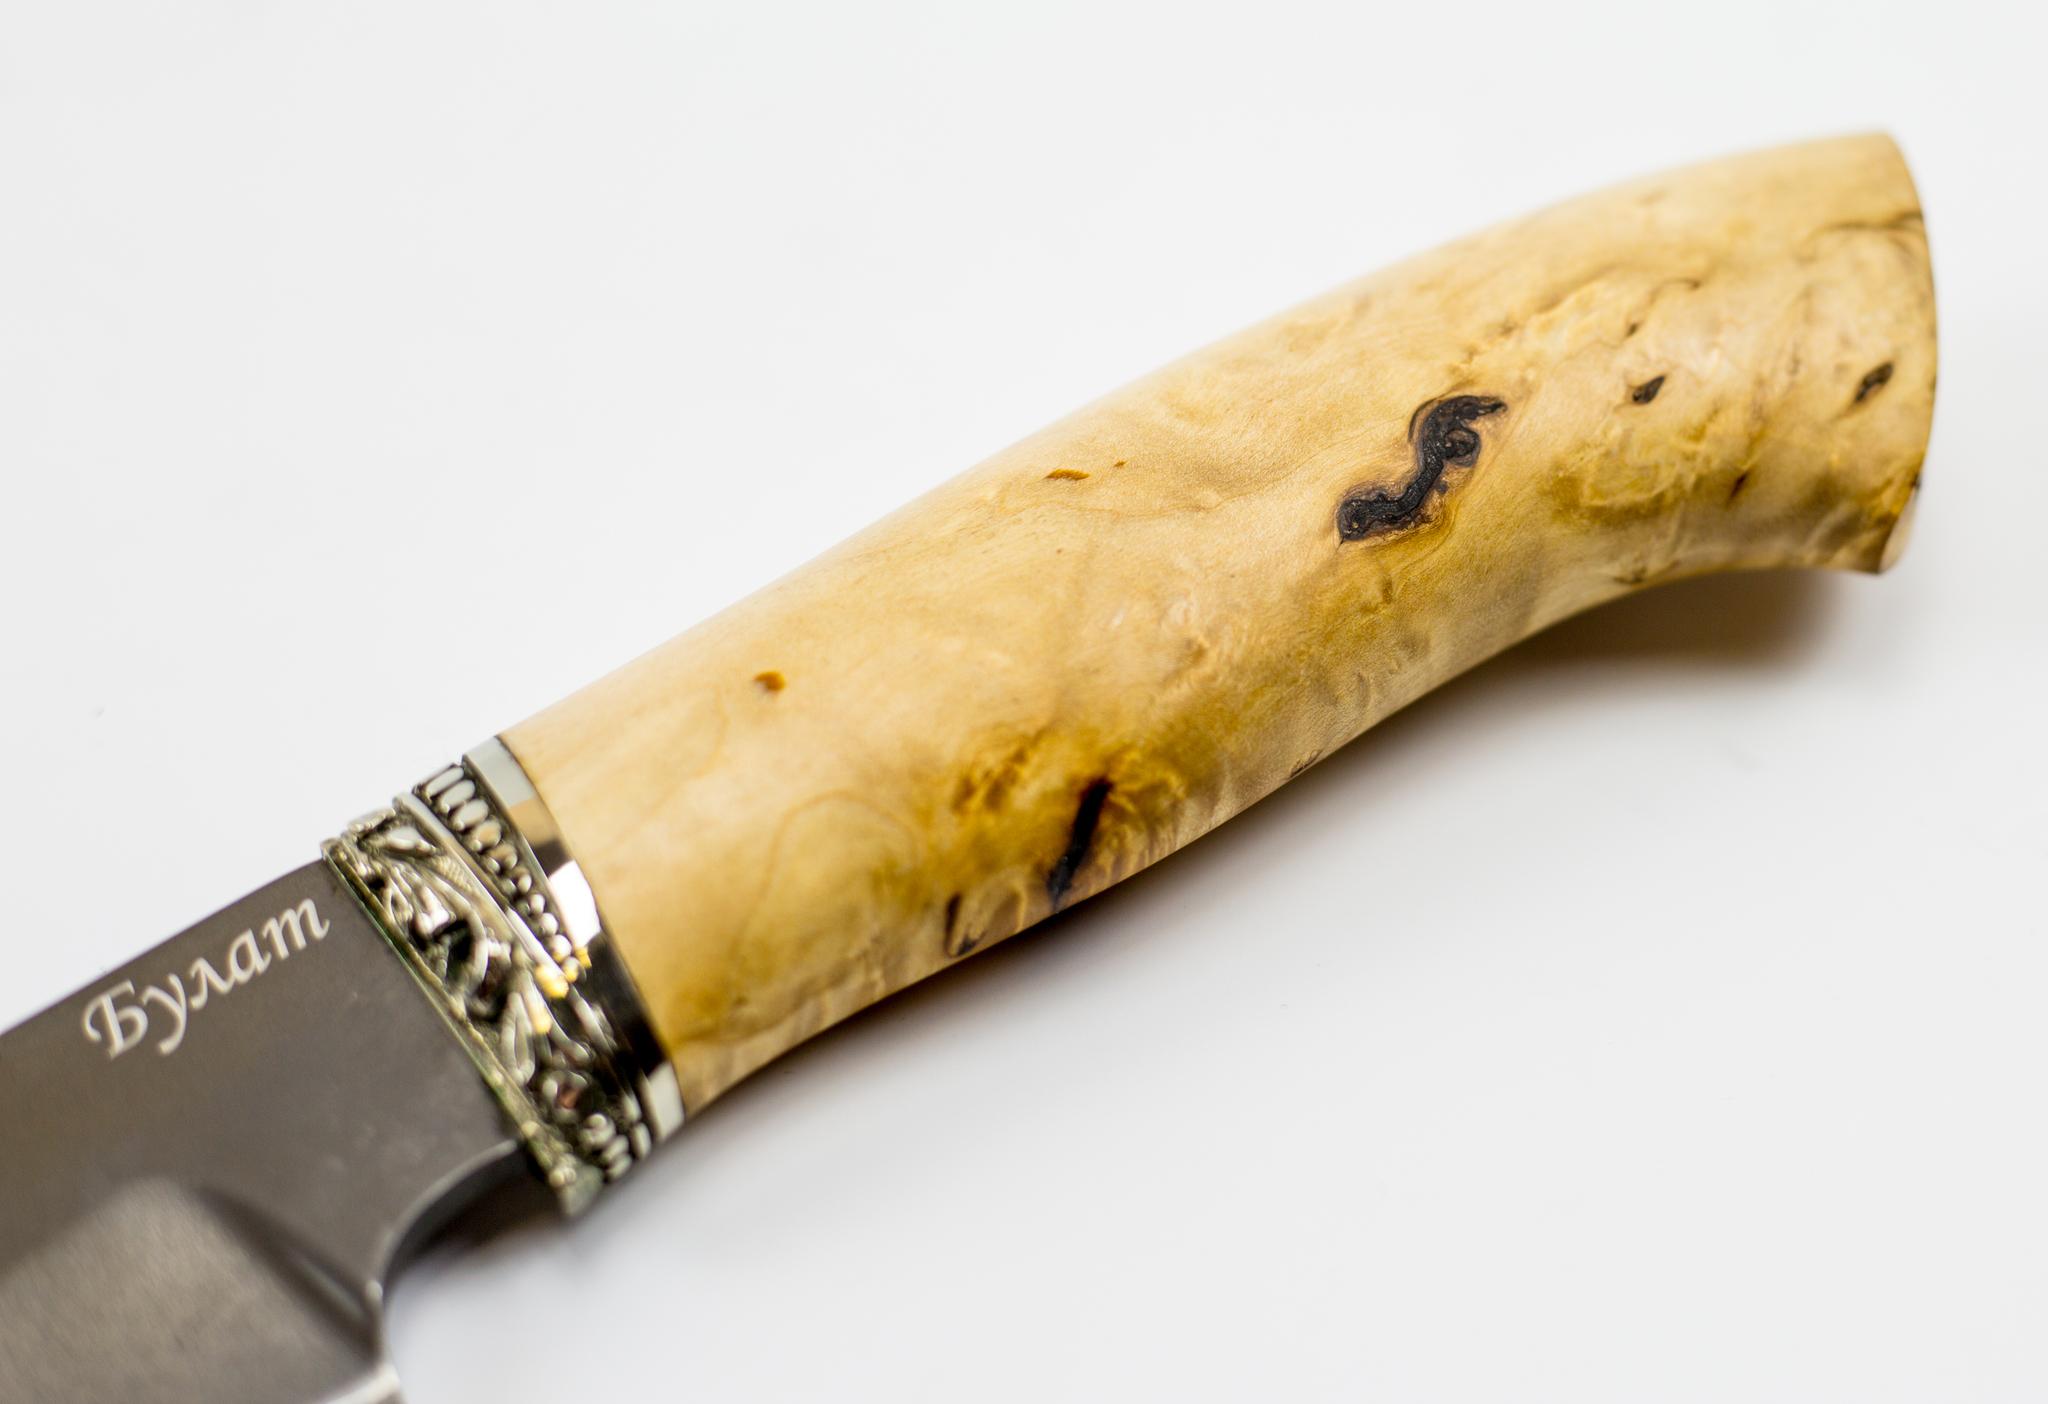 Фото 7 - Нож Универсальный, сталь булат, карельская береза от Промтехснаб